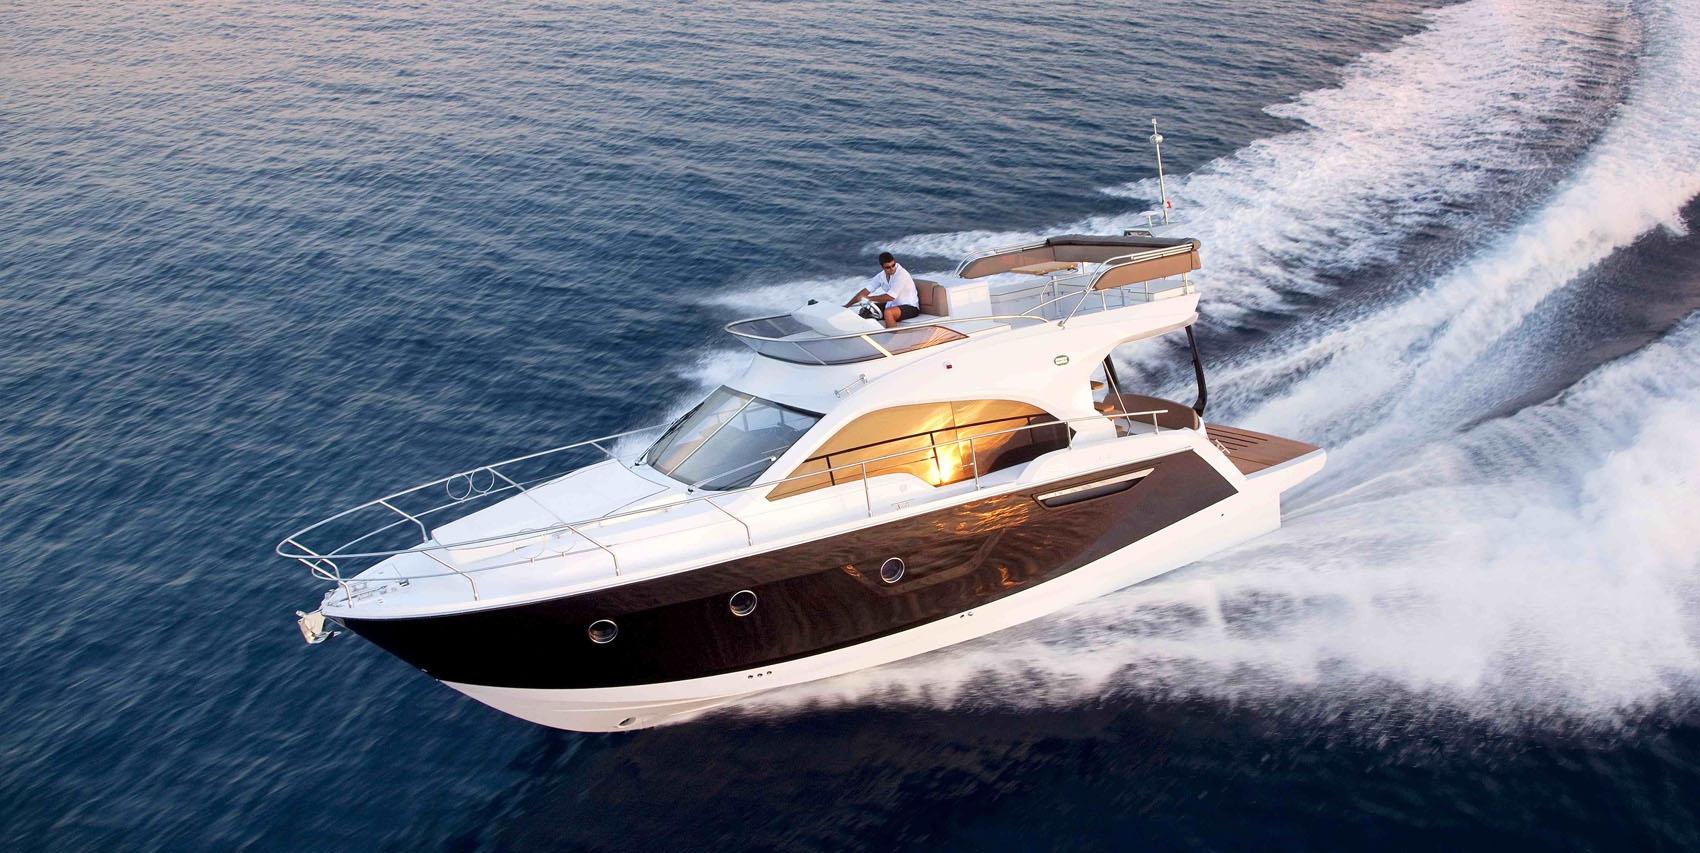 Моторная яхта Sessa Marine FLY 40